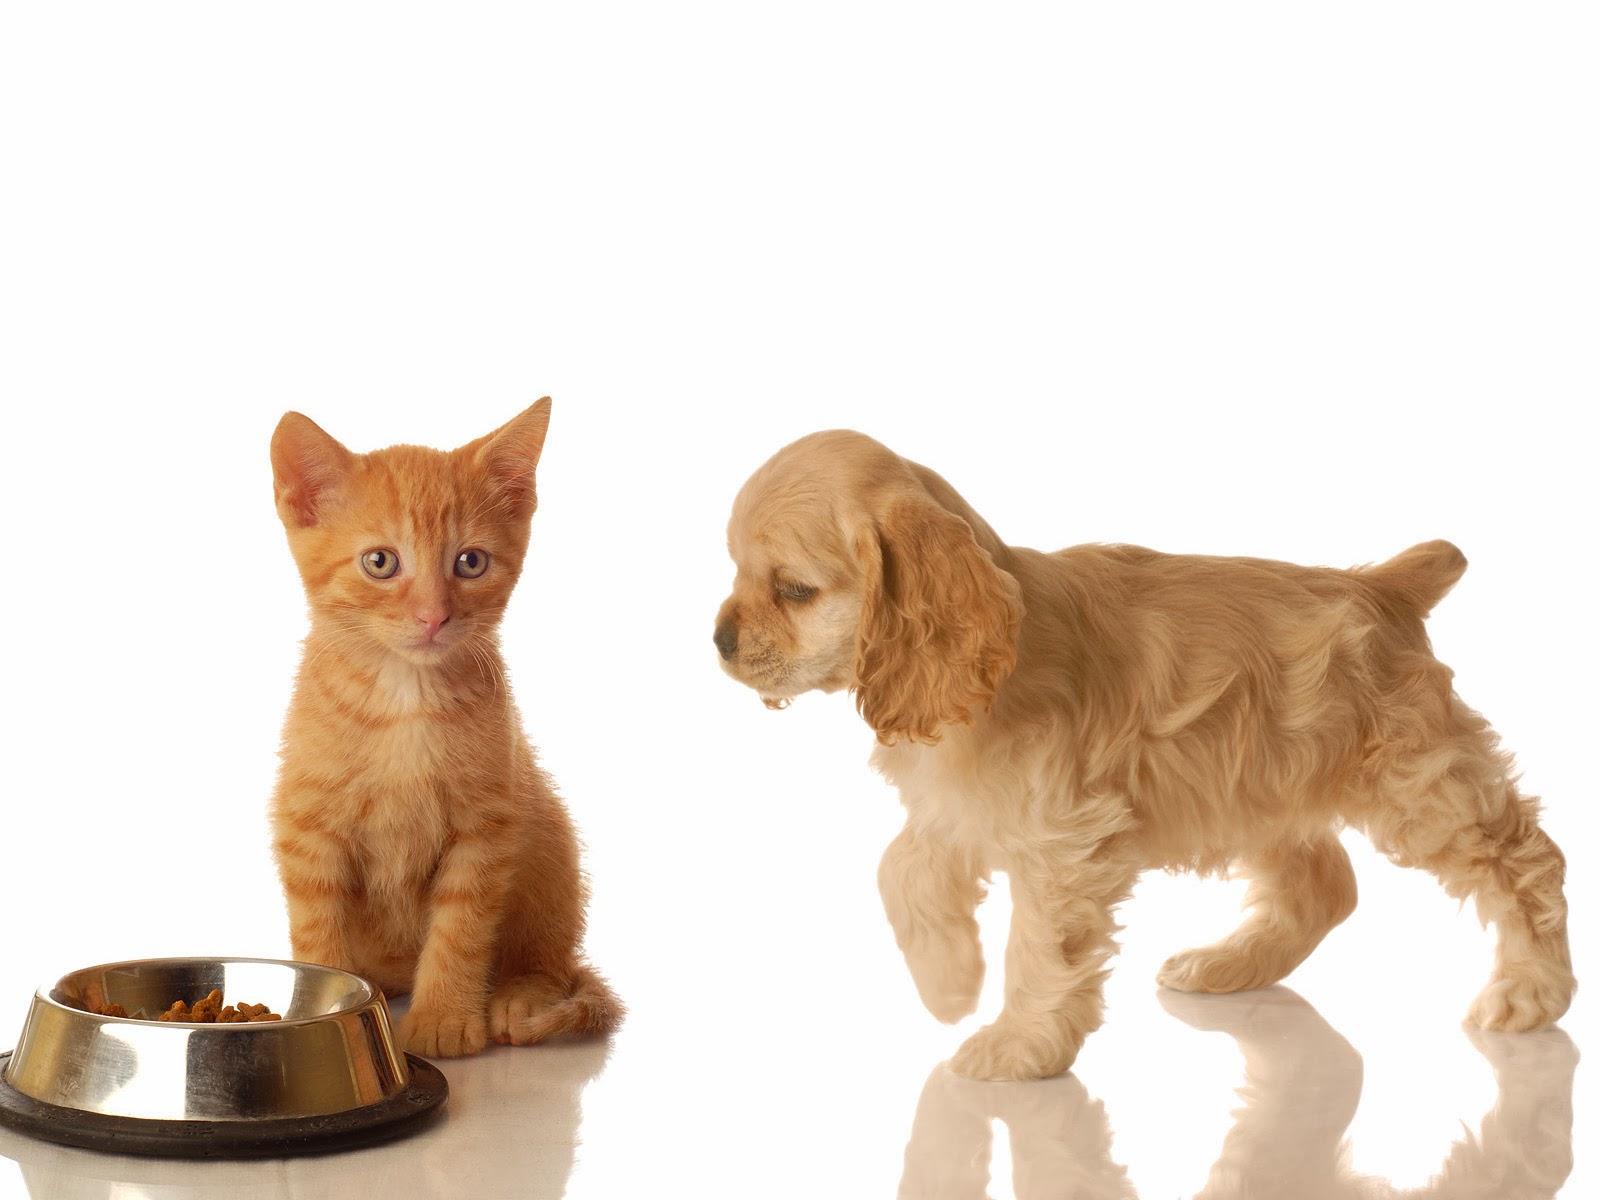 Clinica veterinaria torreblanca alimentaci n y obesidad - Alimento para gatos esterilizados ...